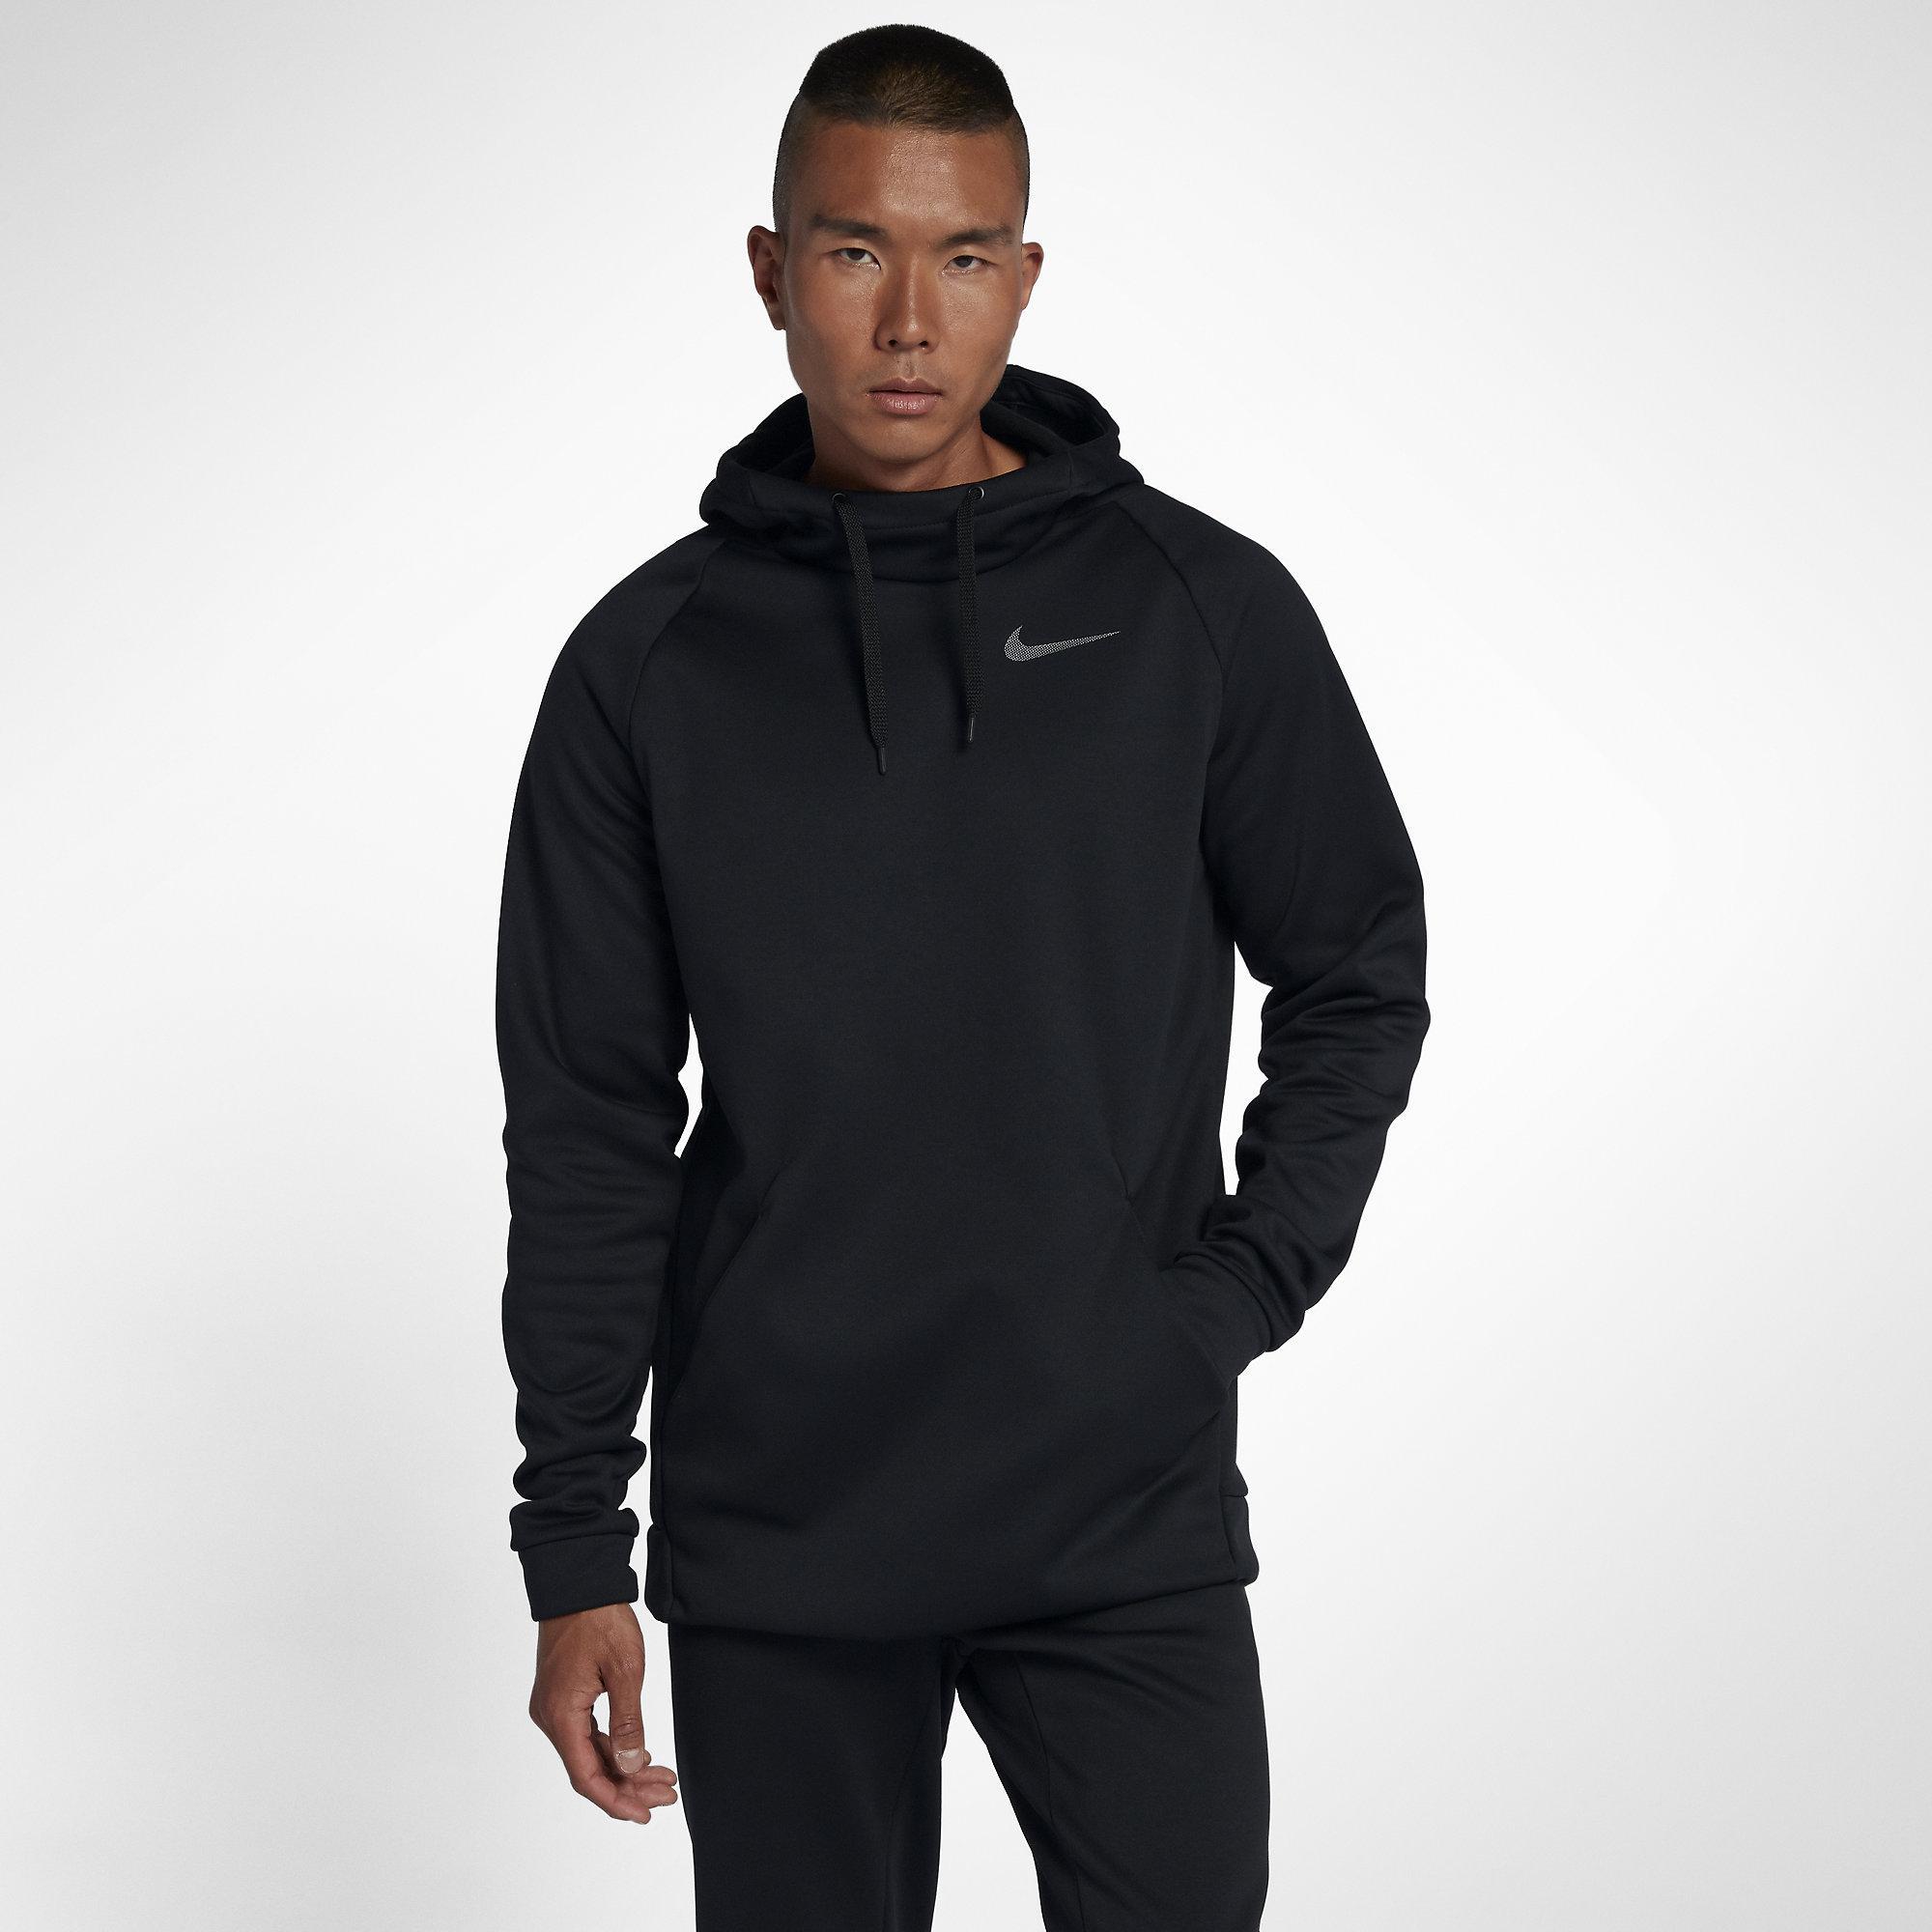 e6e240ca303e Nike Mens Dry Training Hoodie - Black Dark Grey - Tennisnuts.com